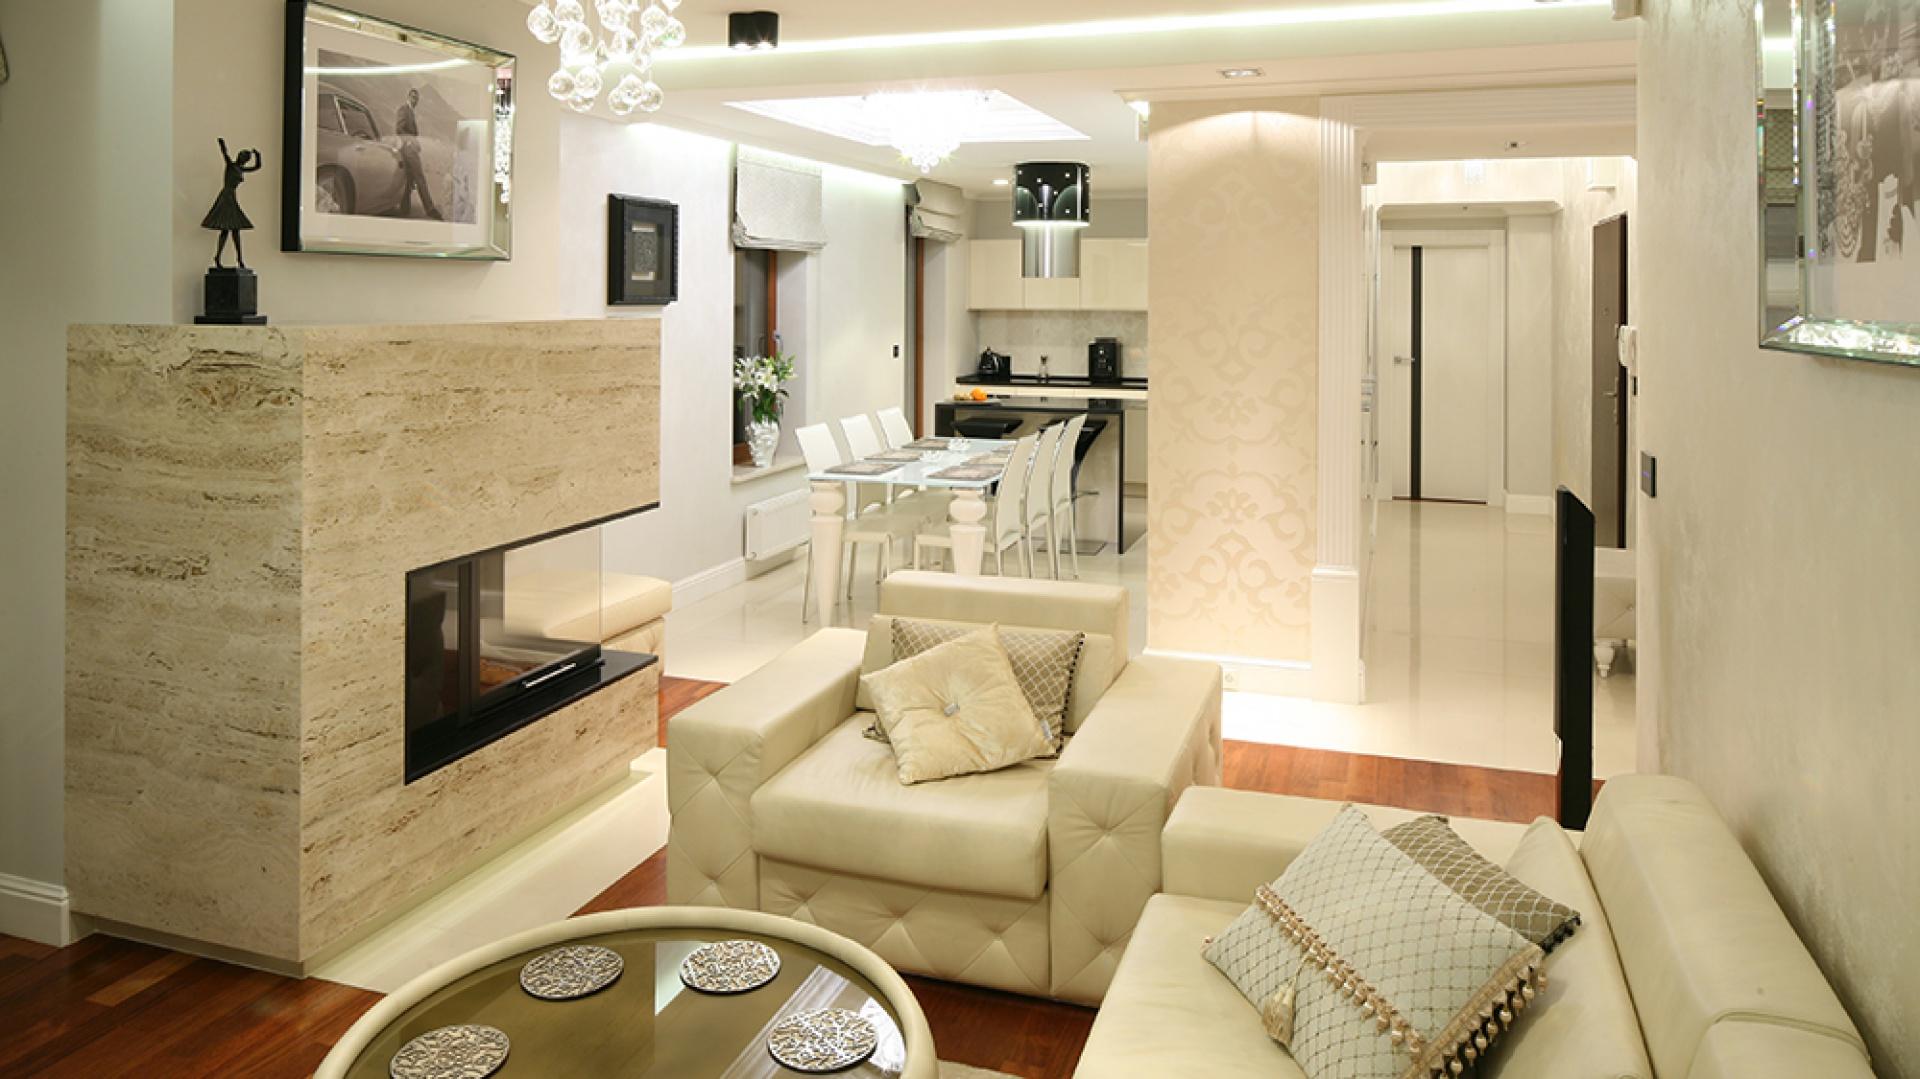 Kuchnia wtapia się w piaskowo-białą kolorystykę apartamentu. Z perspektywy salonu wzrok przyciąga biżuteryjny okap będący jednocześnie lampą. Fot. Bartosz Jarosz.